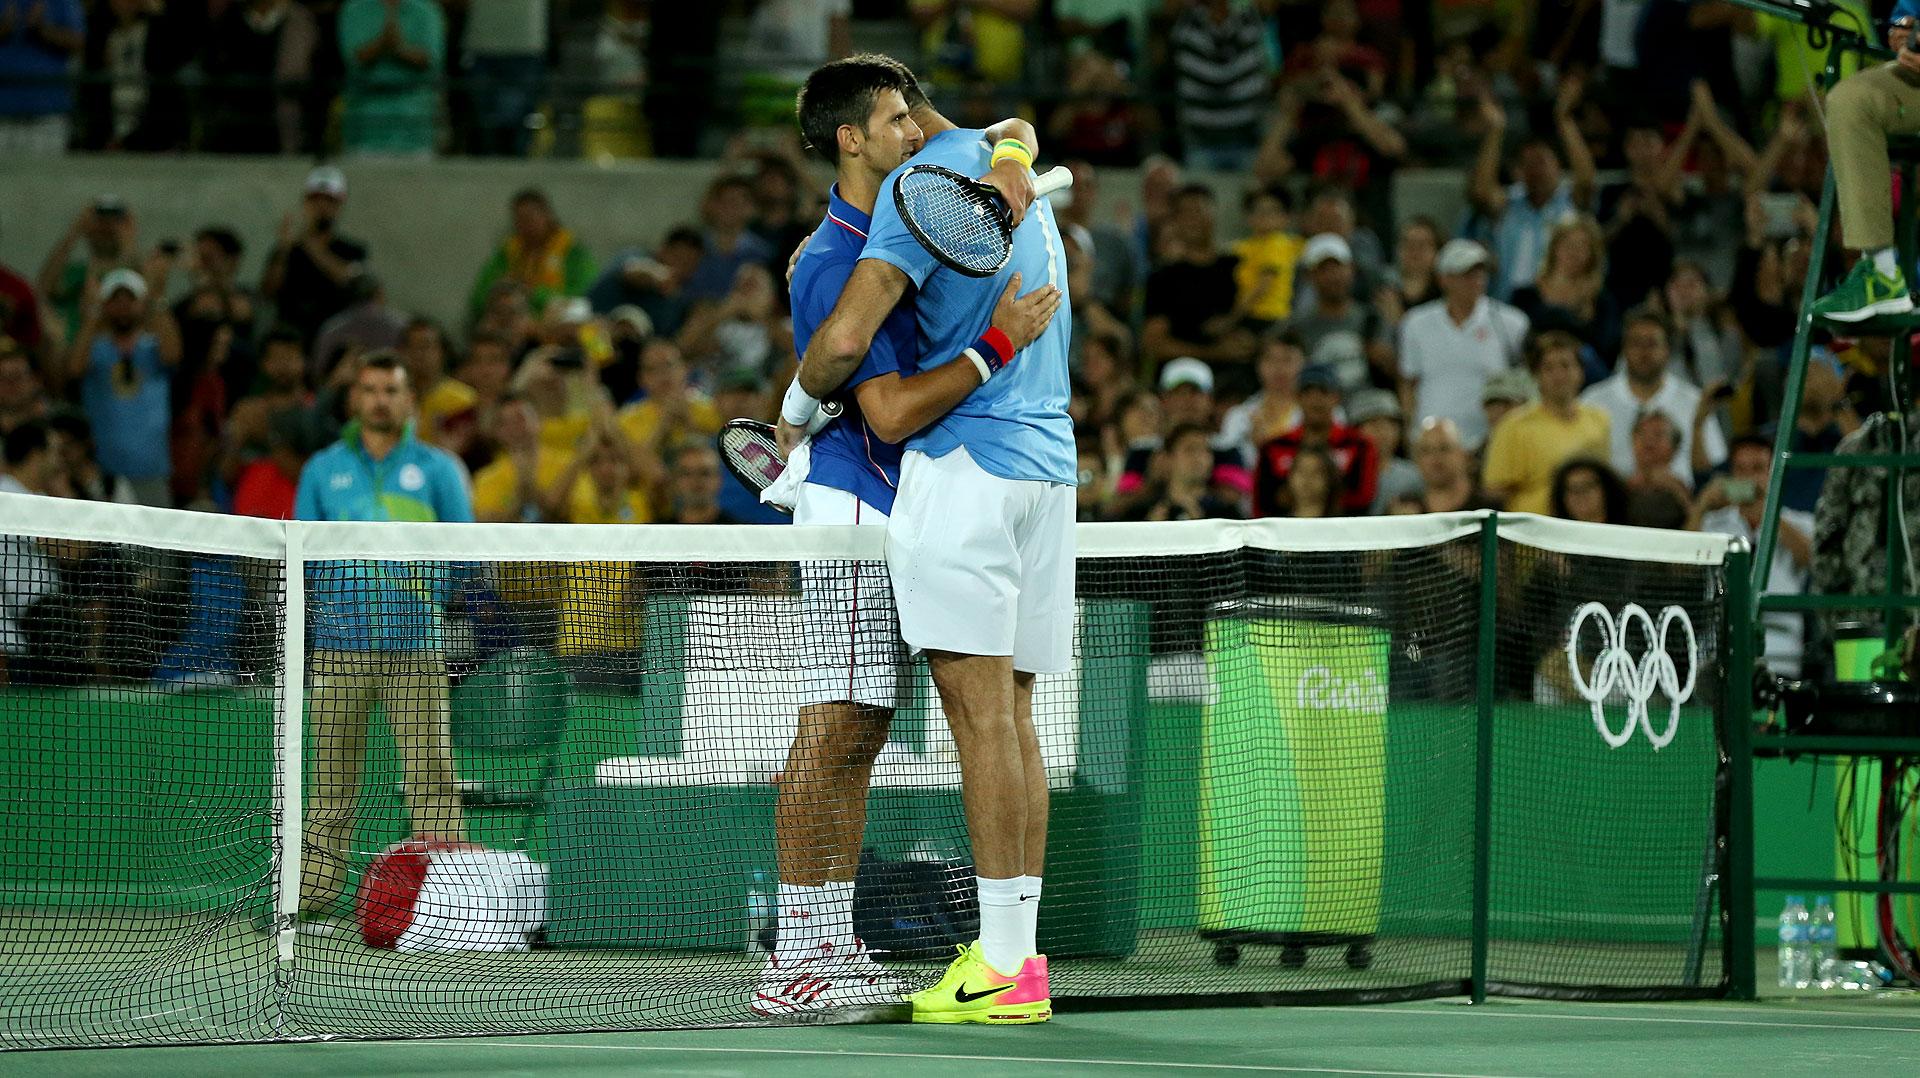 El abrazo entre Del Potro y Djokovic al finalizar el partido (Nicolás Stulberg)